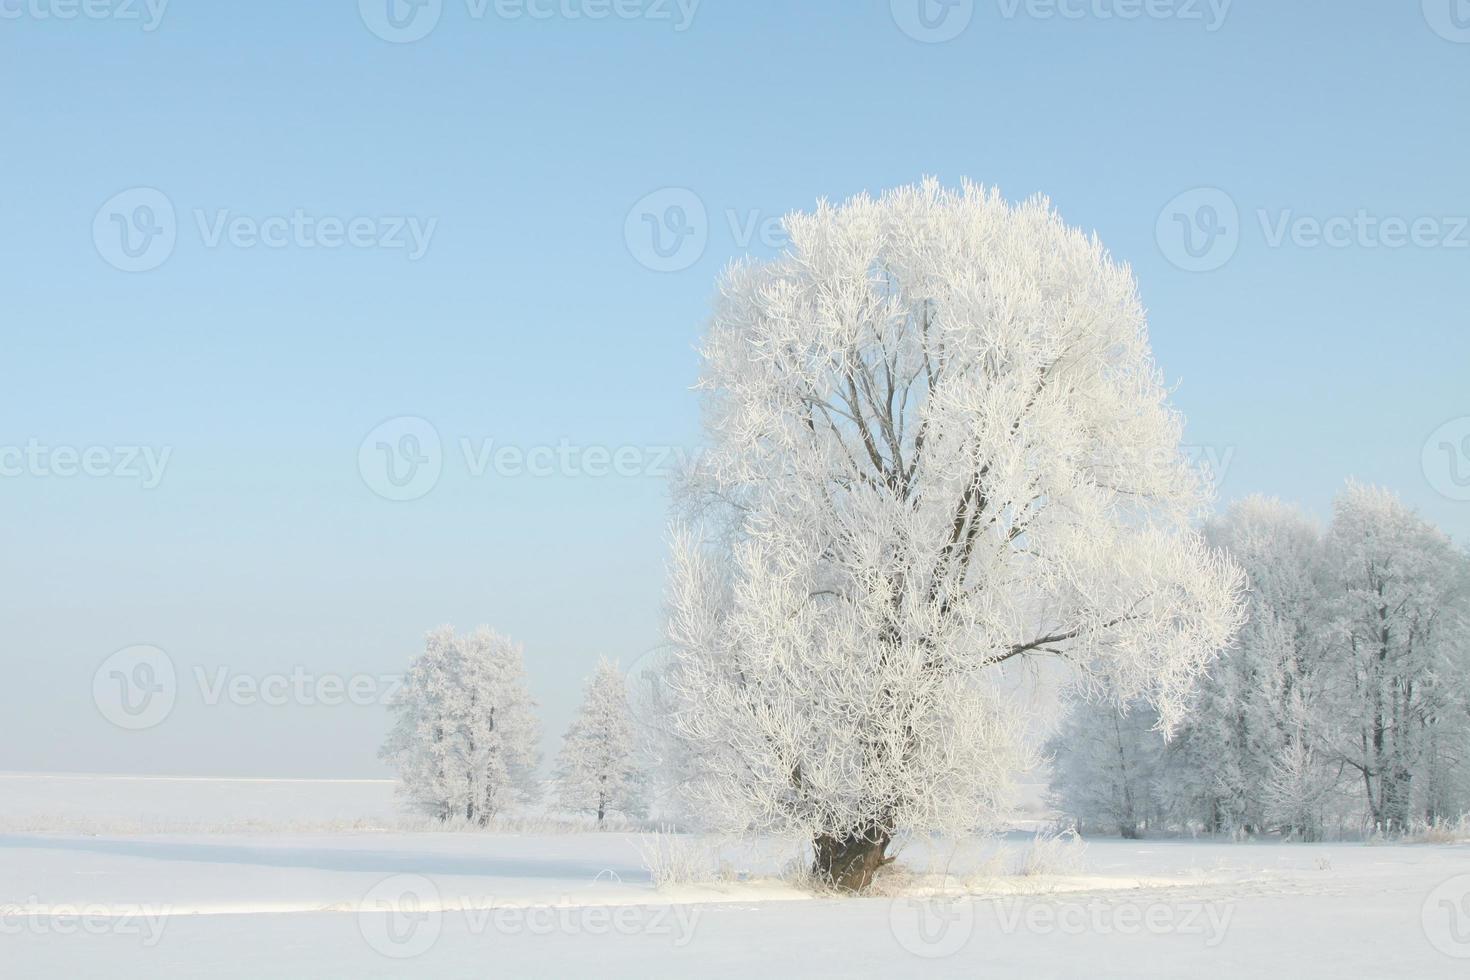 árvore fosca em uma manhã sem nuvens foto